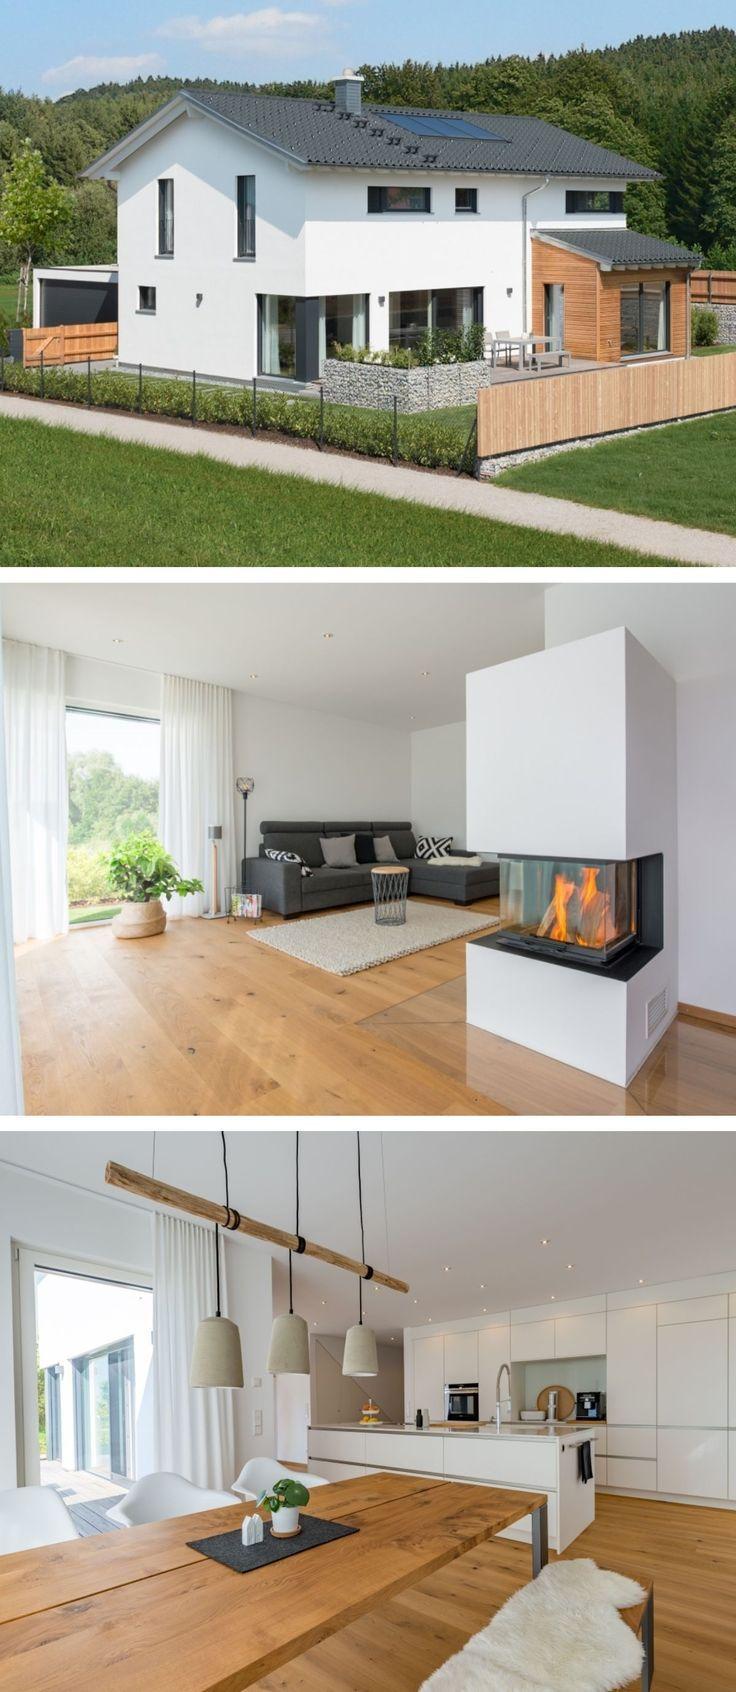 Einfamilienhaus modern im Landhausstil mit Holzfassade, Satteldach Architektur &... , #Archi...